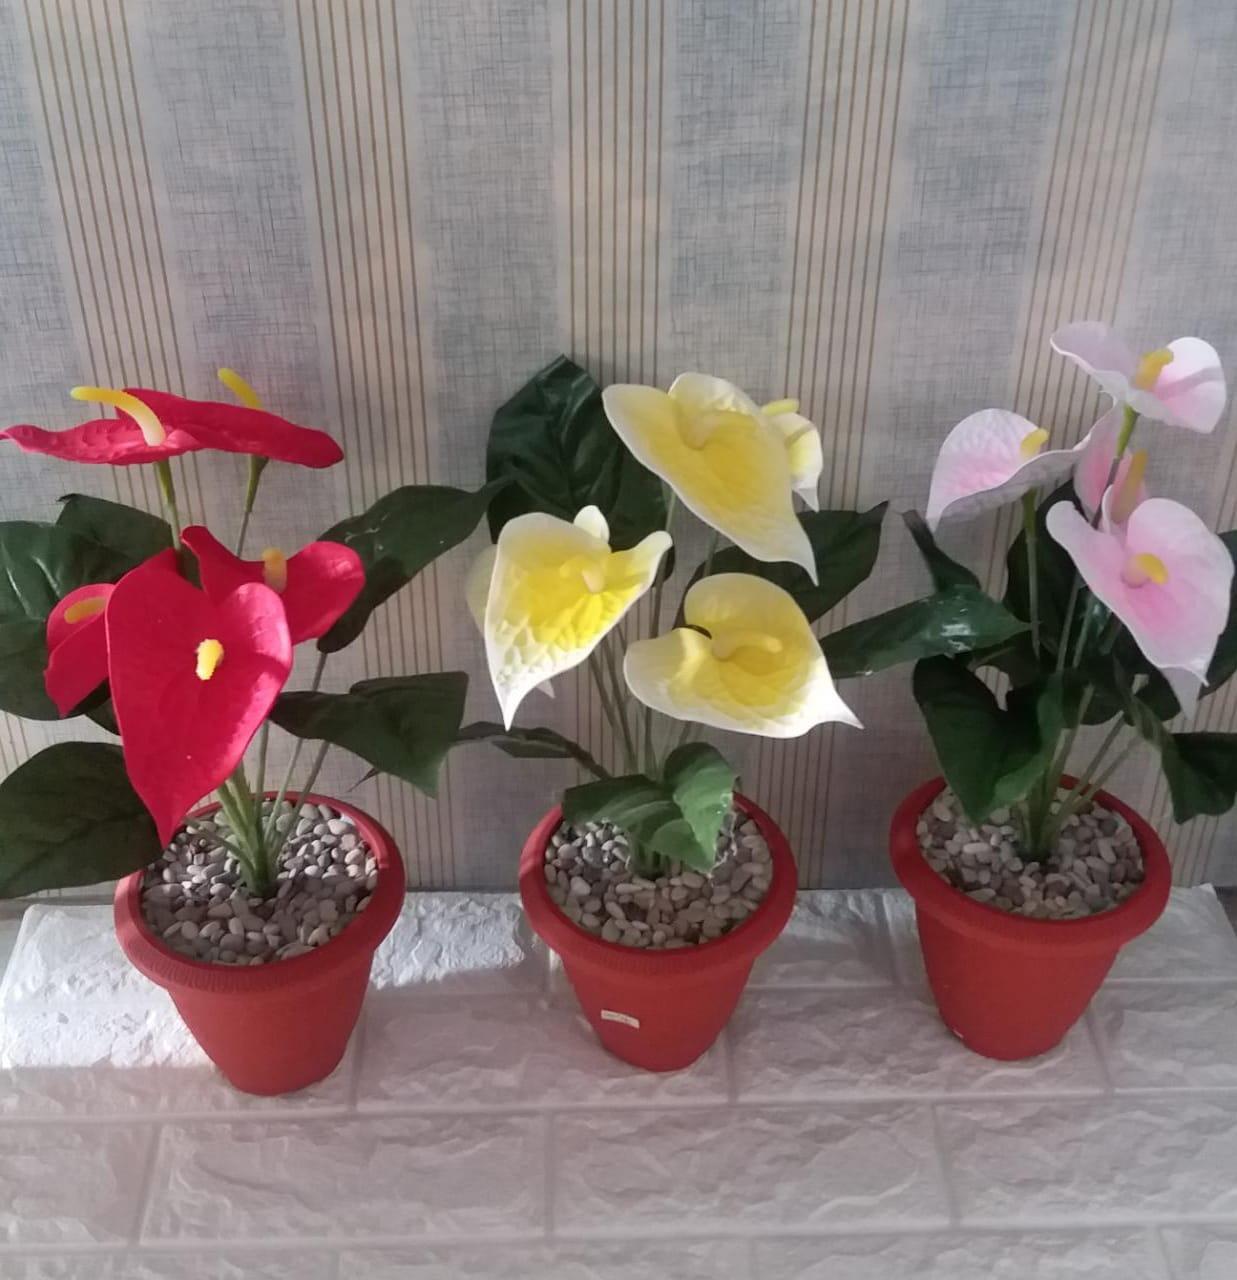 Bunga Anthurium Merah Kuning Pink Oemah Salma Dekorasi Solusi Cerdas Rumah Idaman